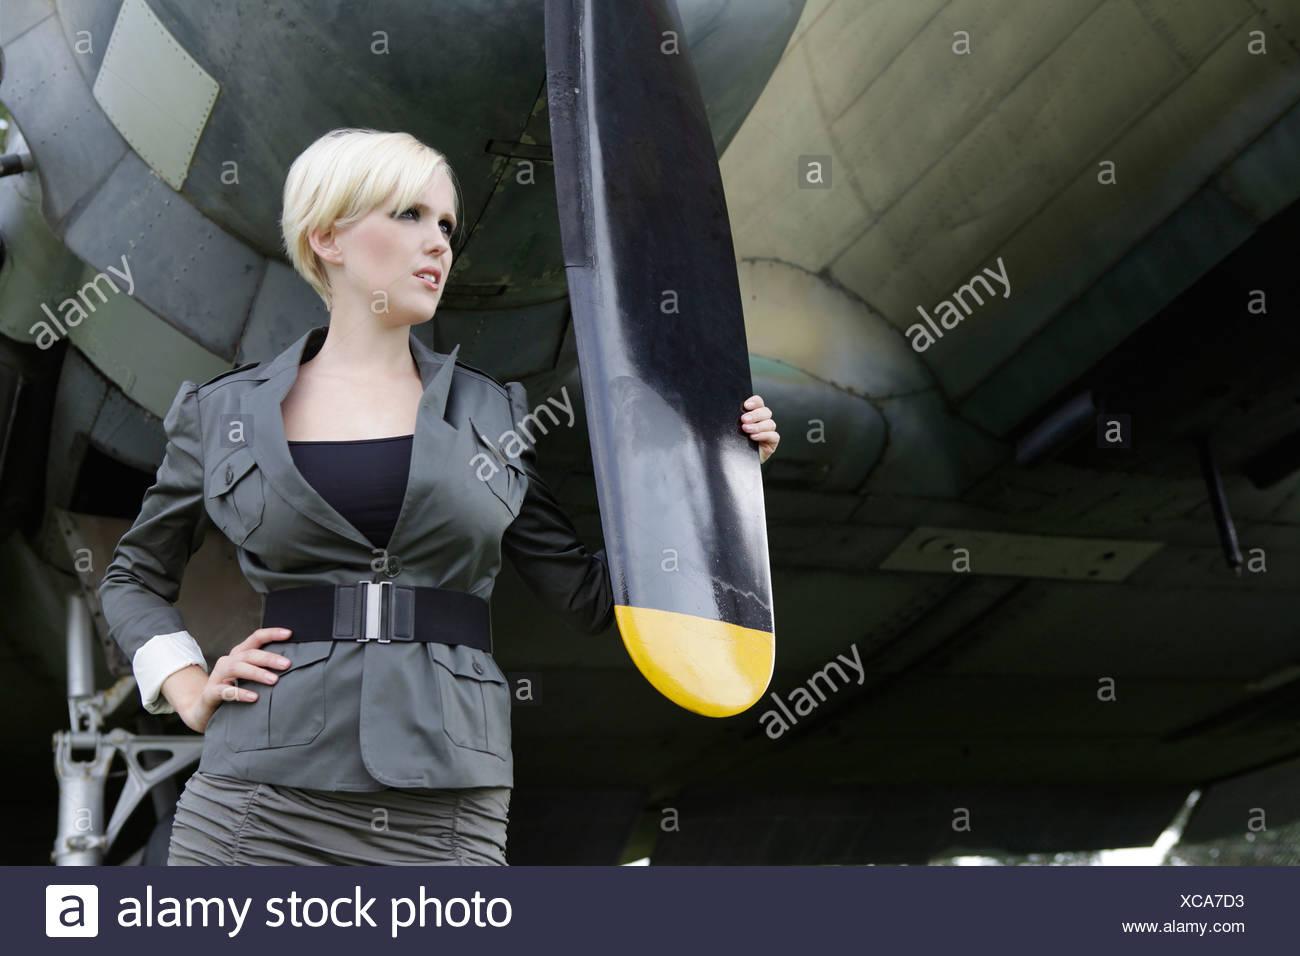 Junge Frau am Propeller-Flugzeug Stockbild